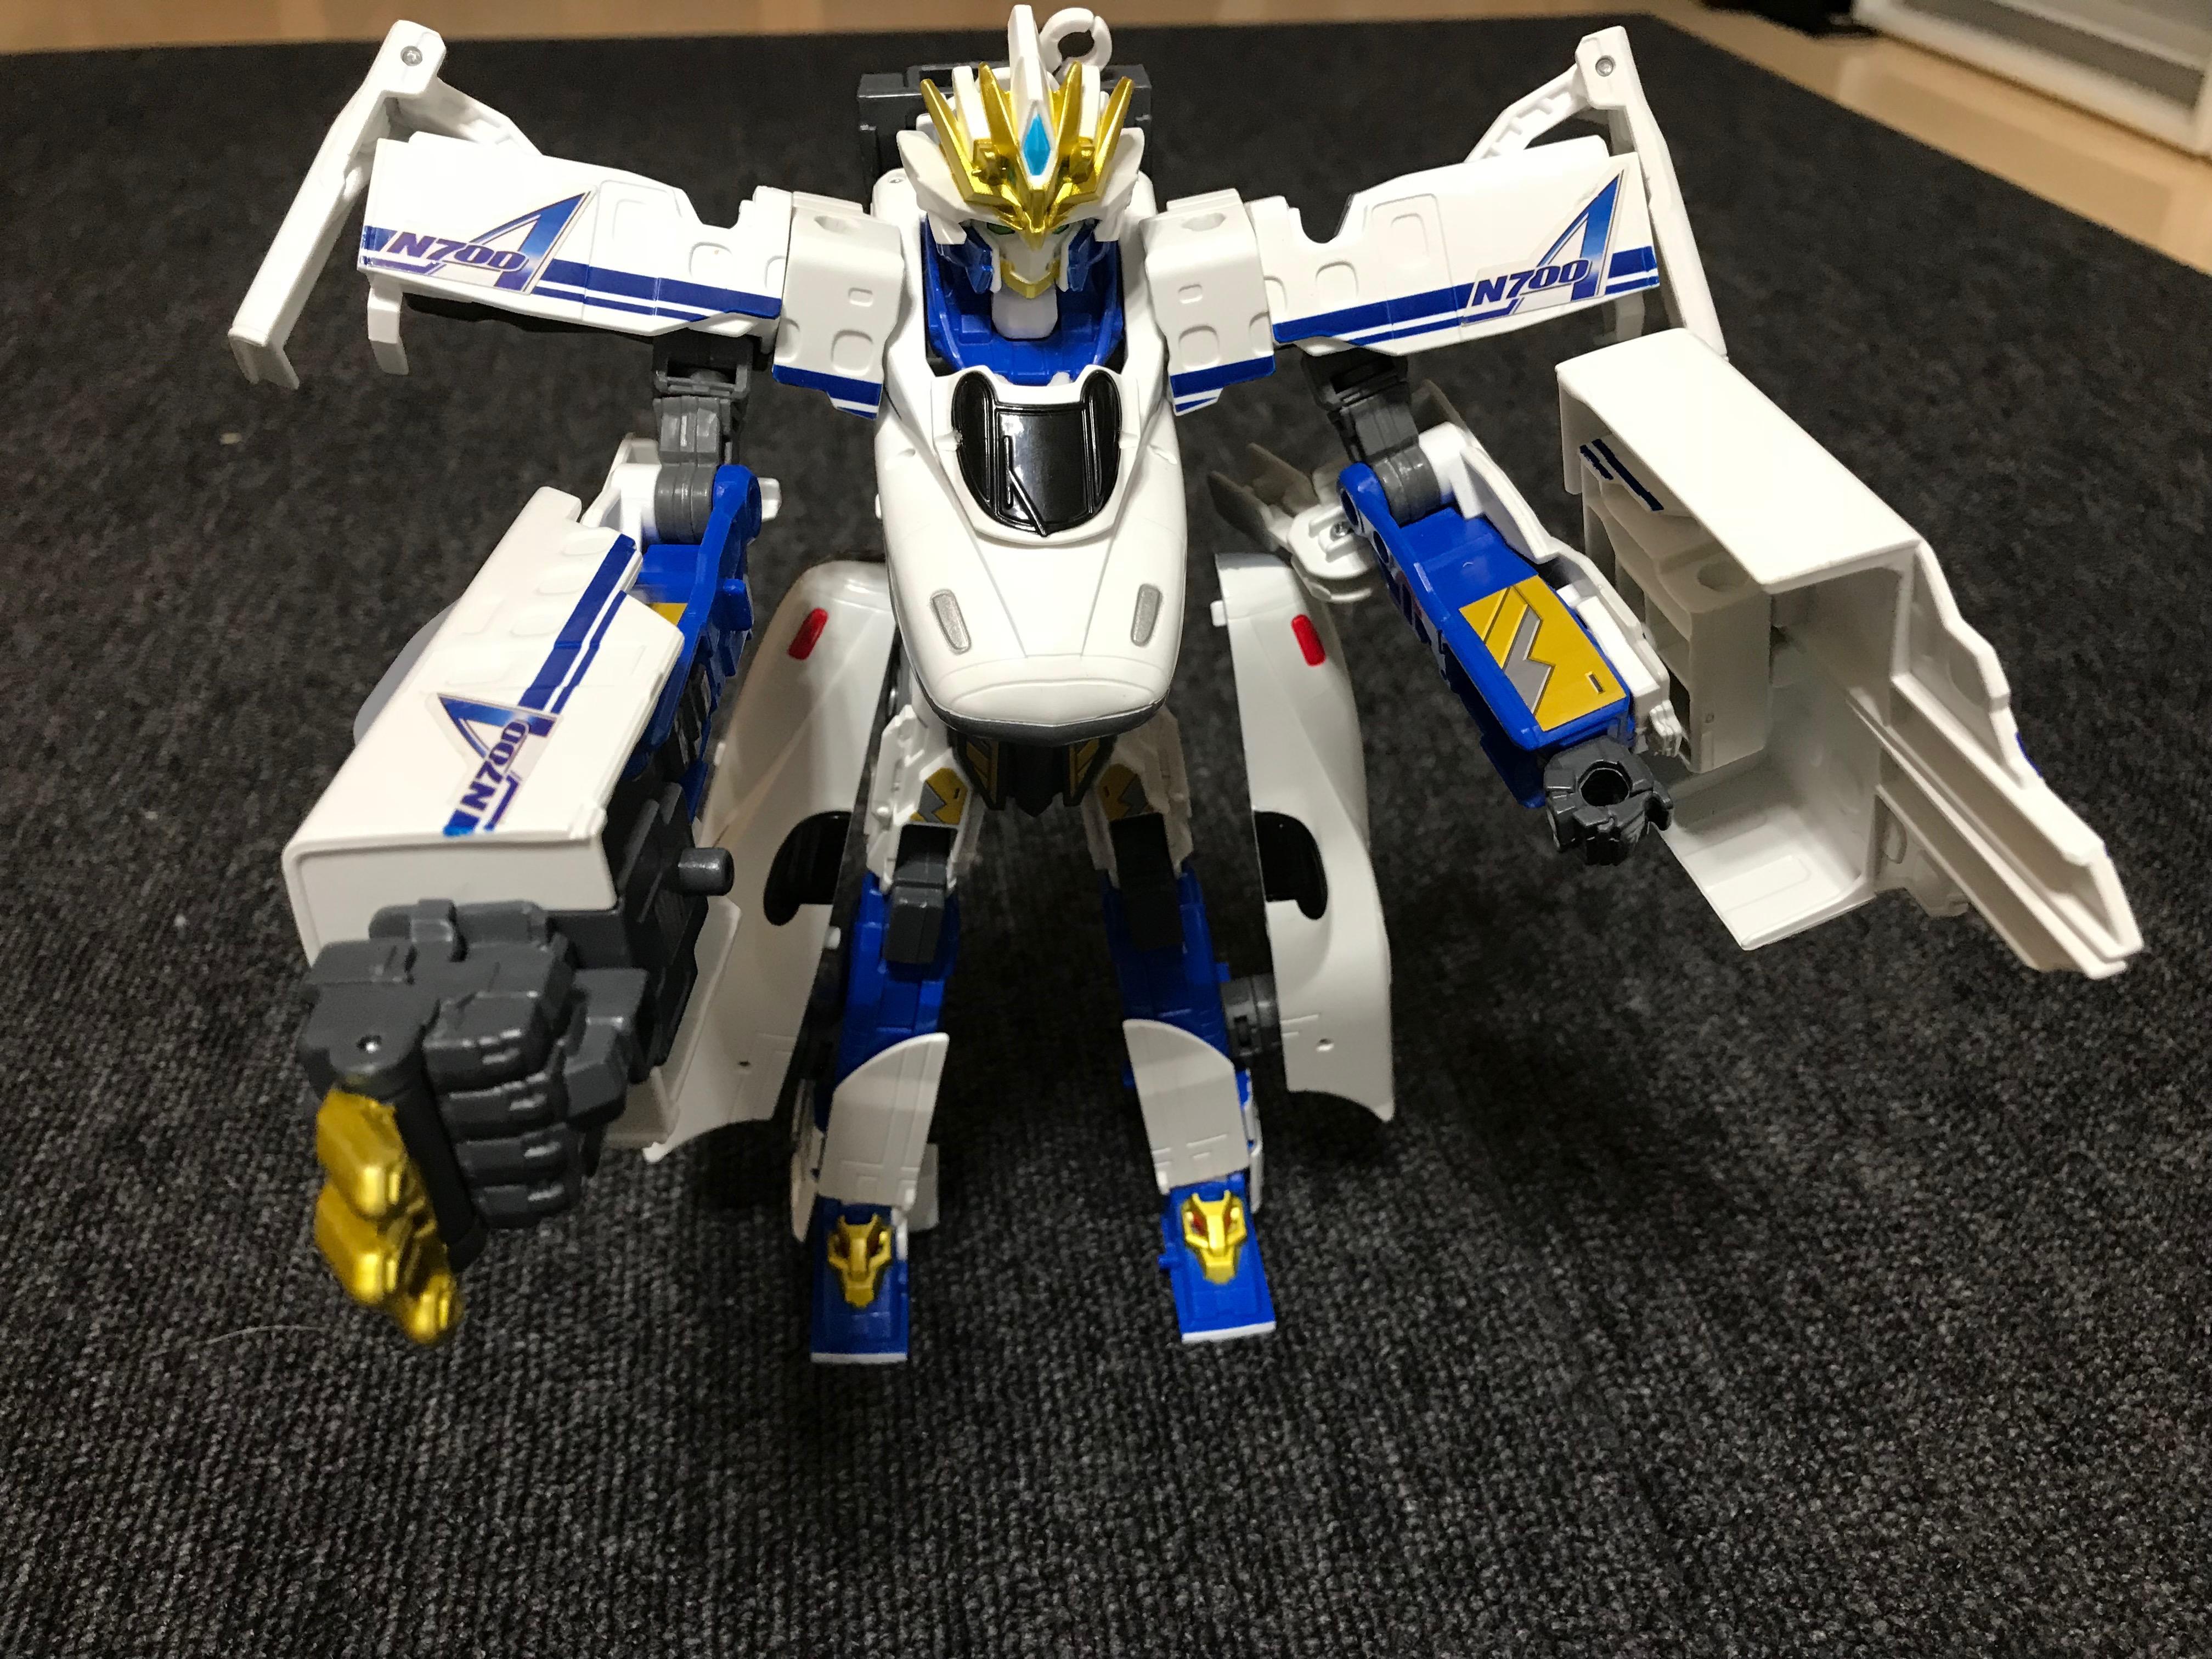 「新幹線変形ロボ シンカリオン N700Aのぞみ」とは?おもちゃレビュー!